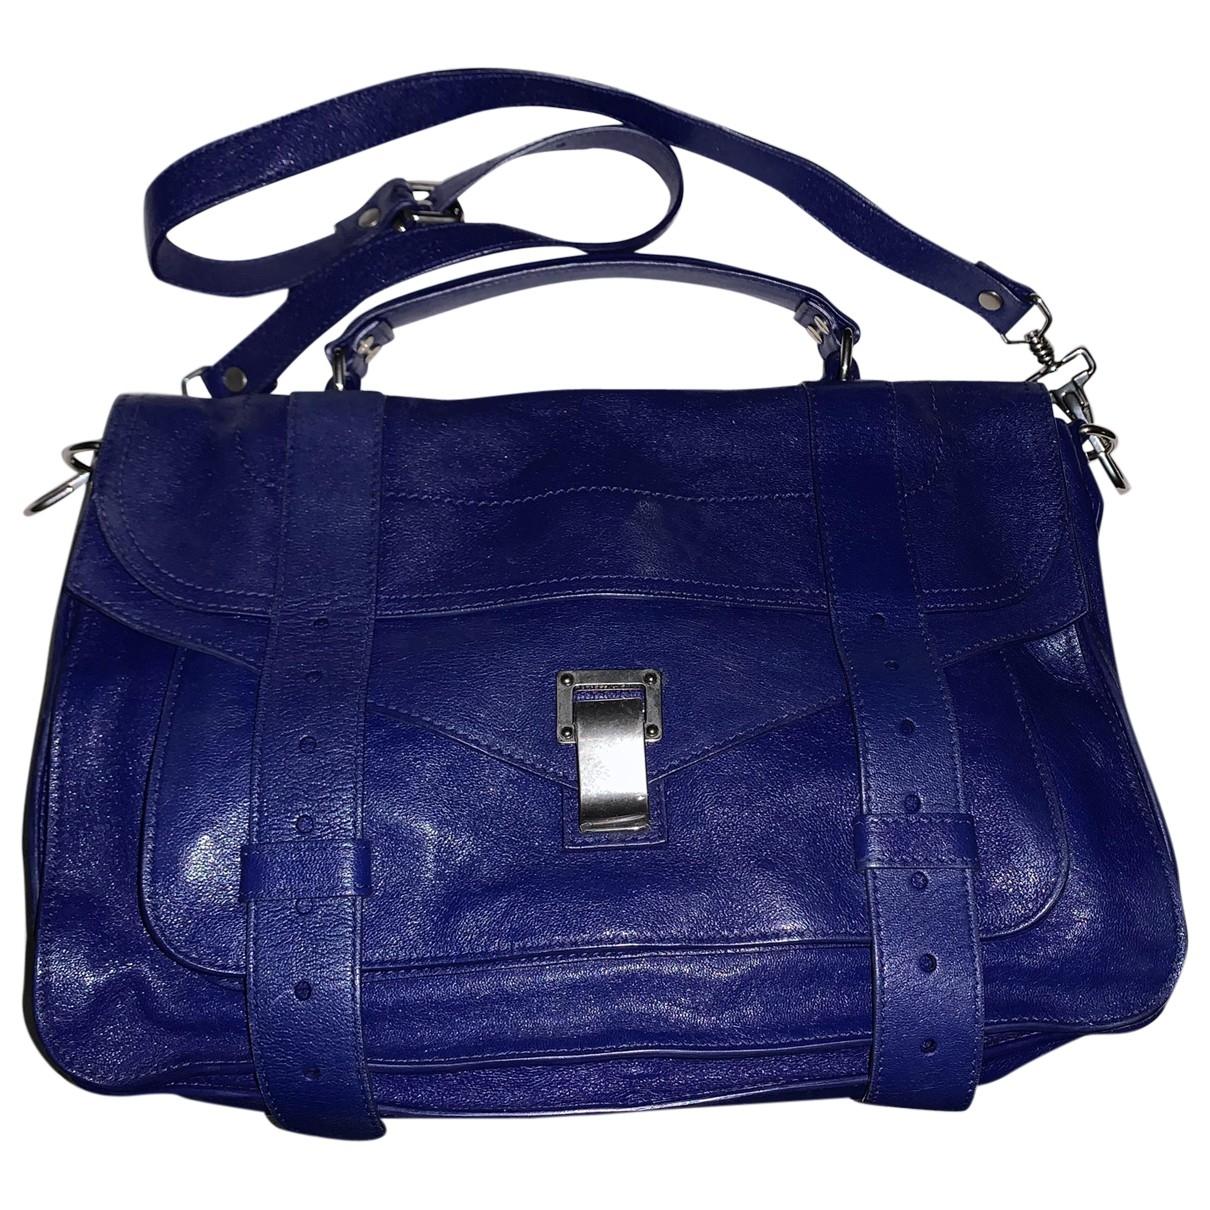 Proenza Schouler PS1 Handtasche in  Blau Leder